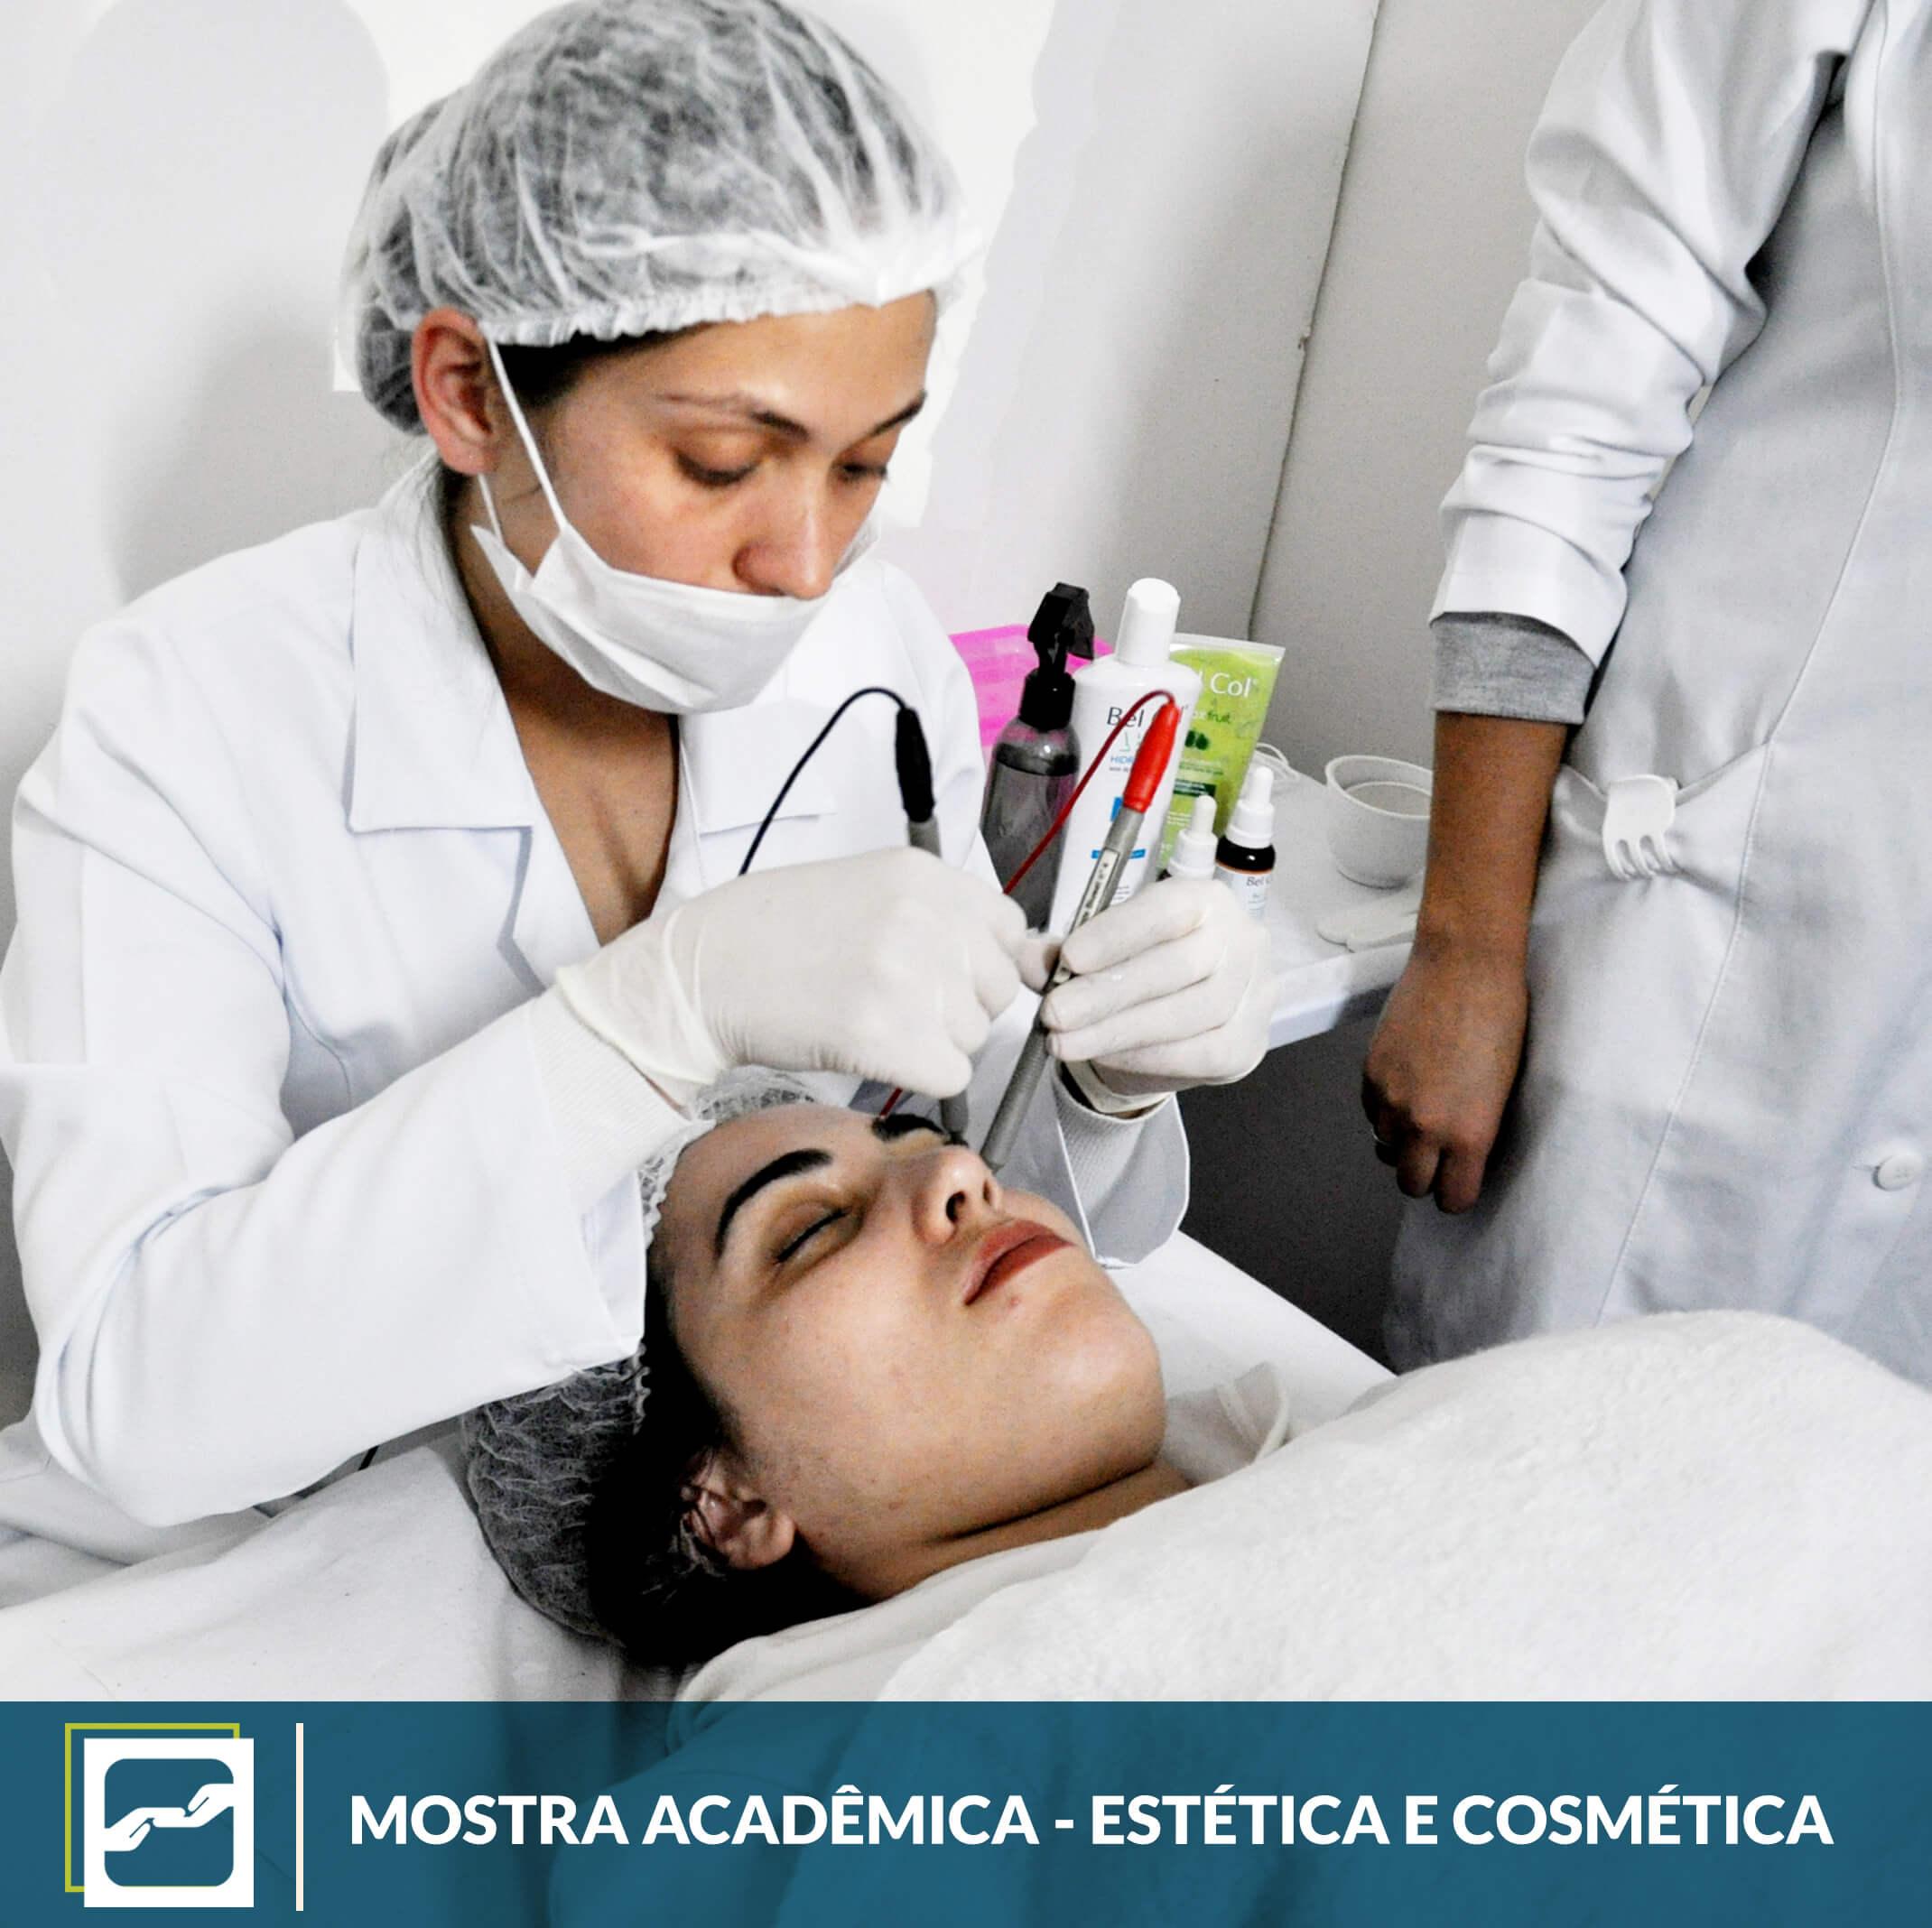 mostra-academia-estetica-cosmetica-famesp-42